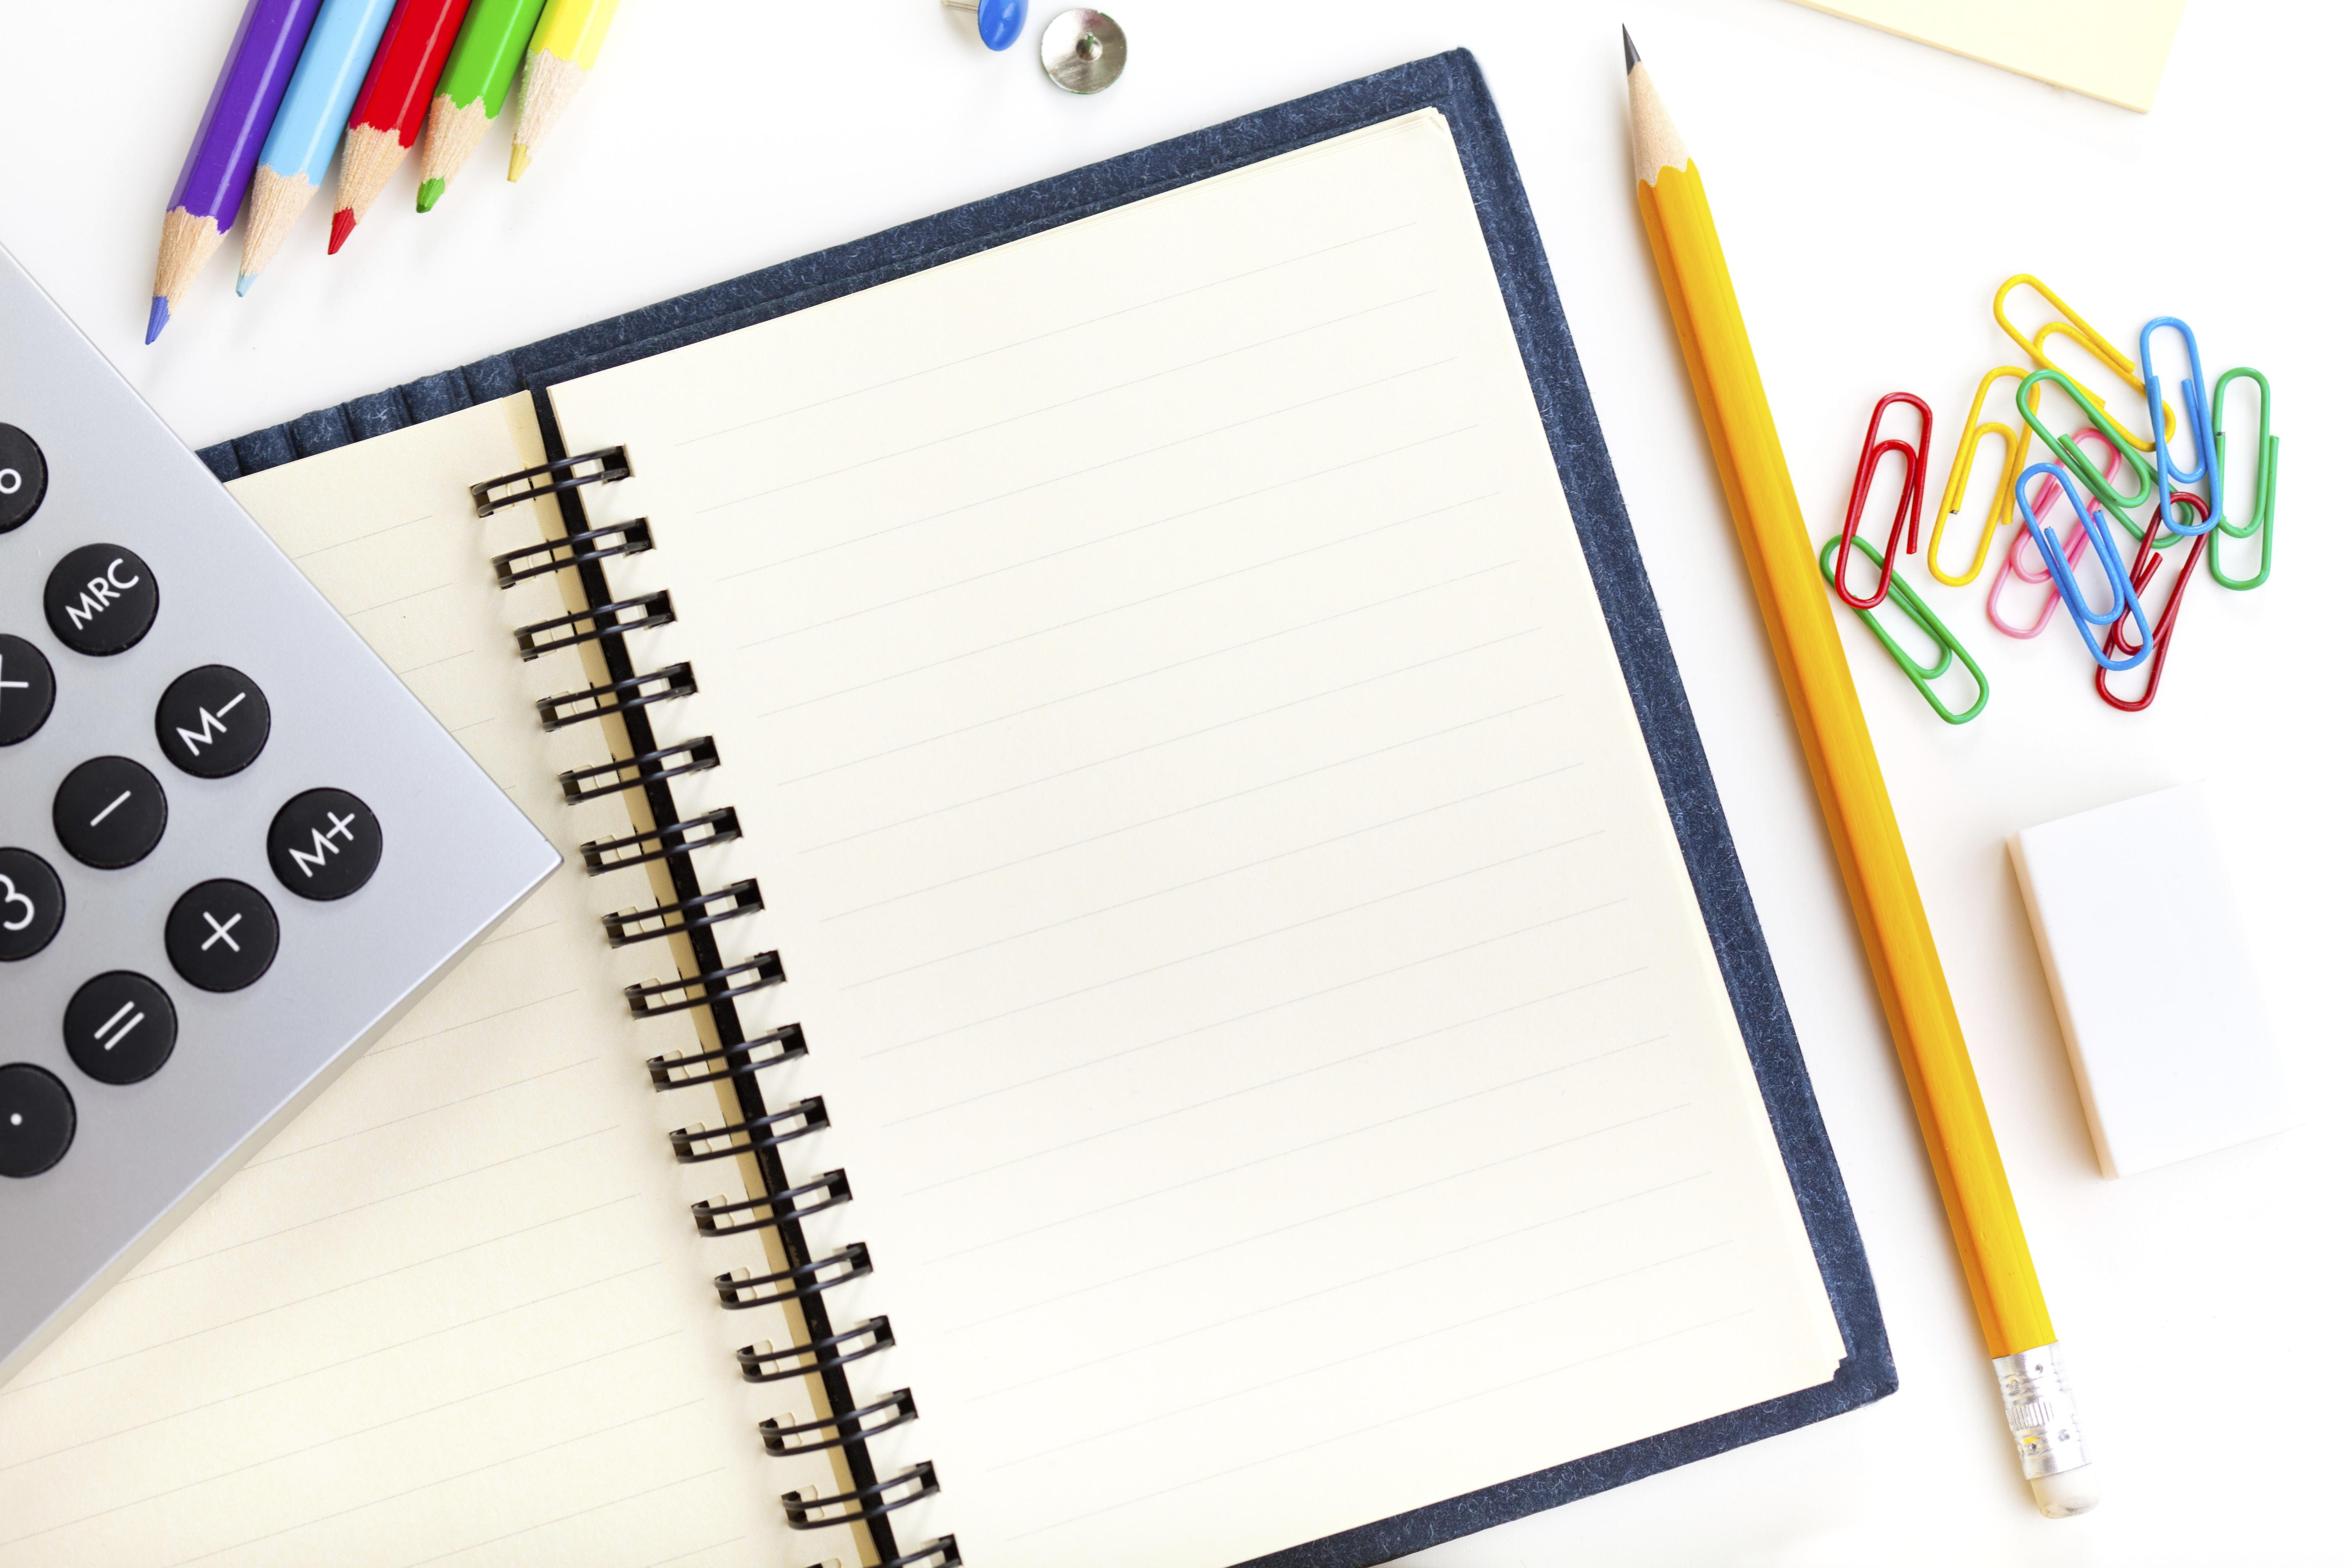 Verdien geld met het schrijven van artikelen